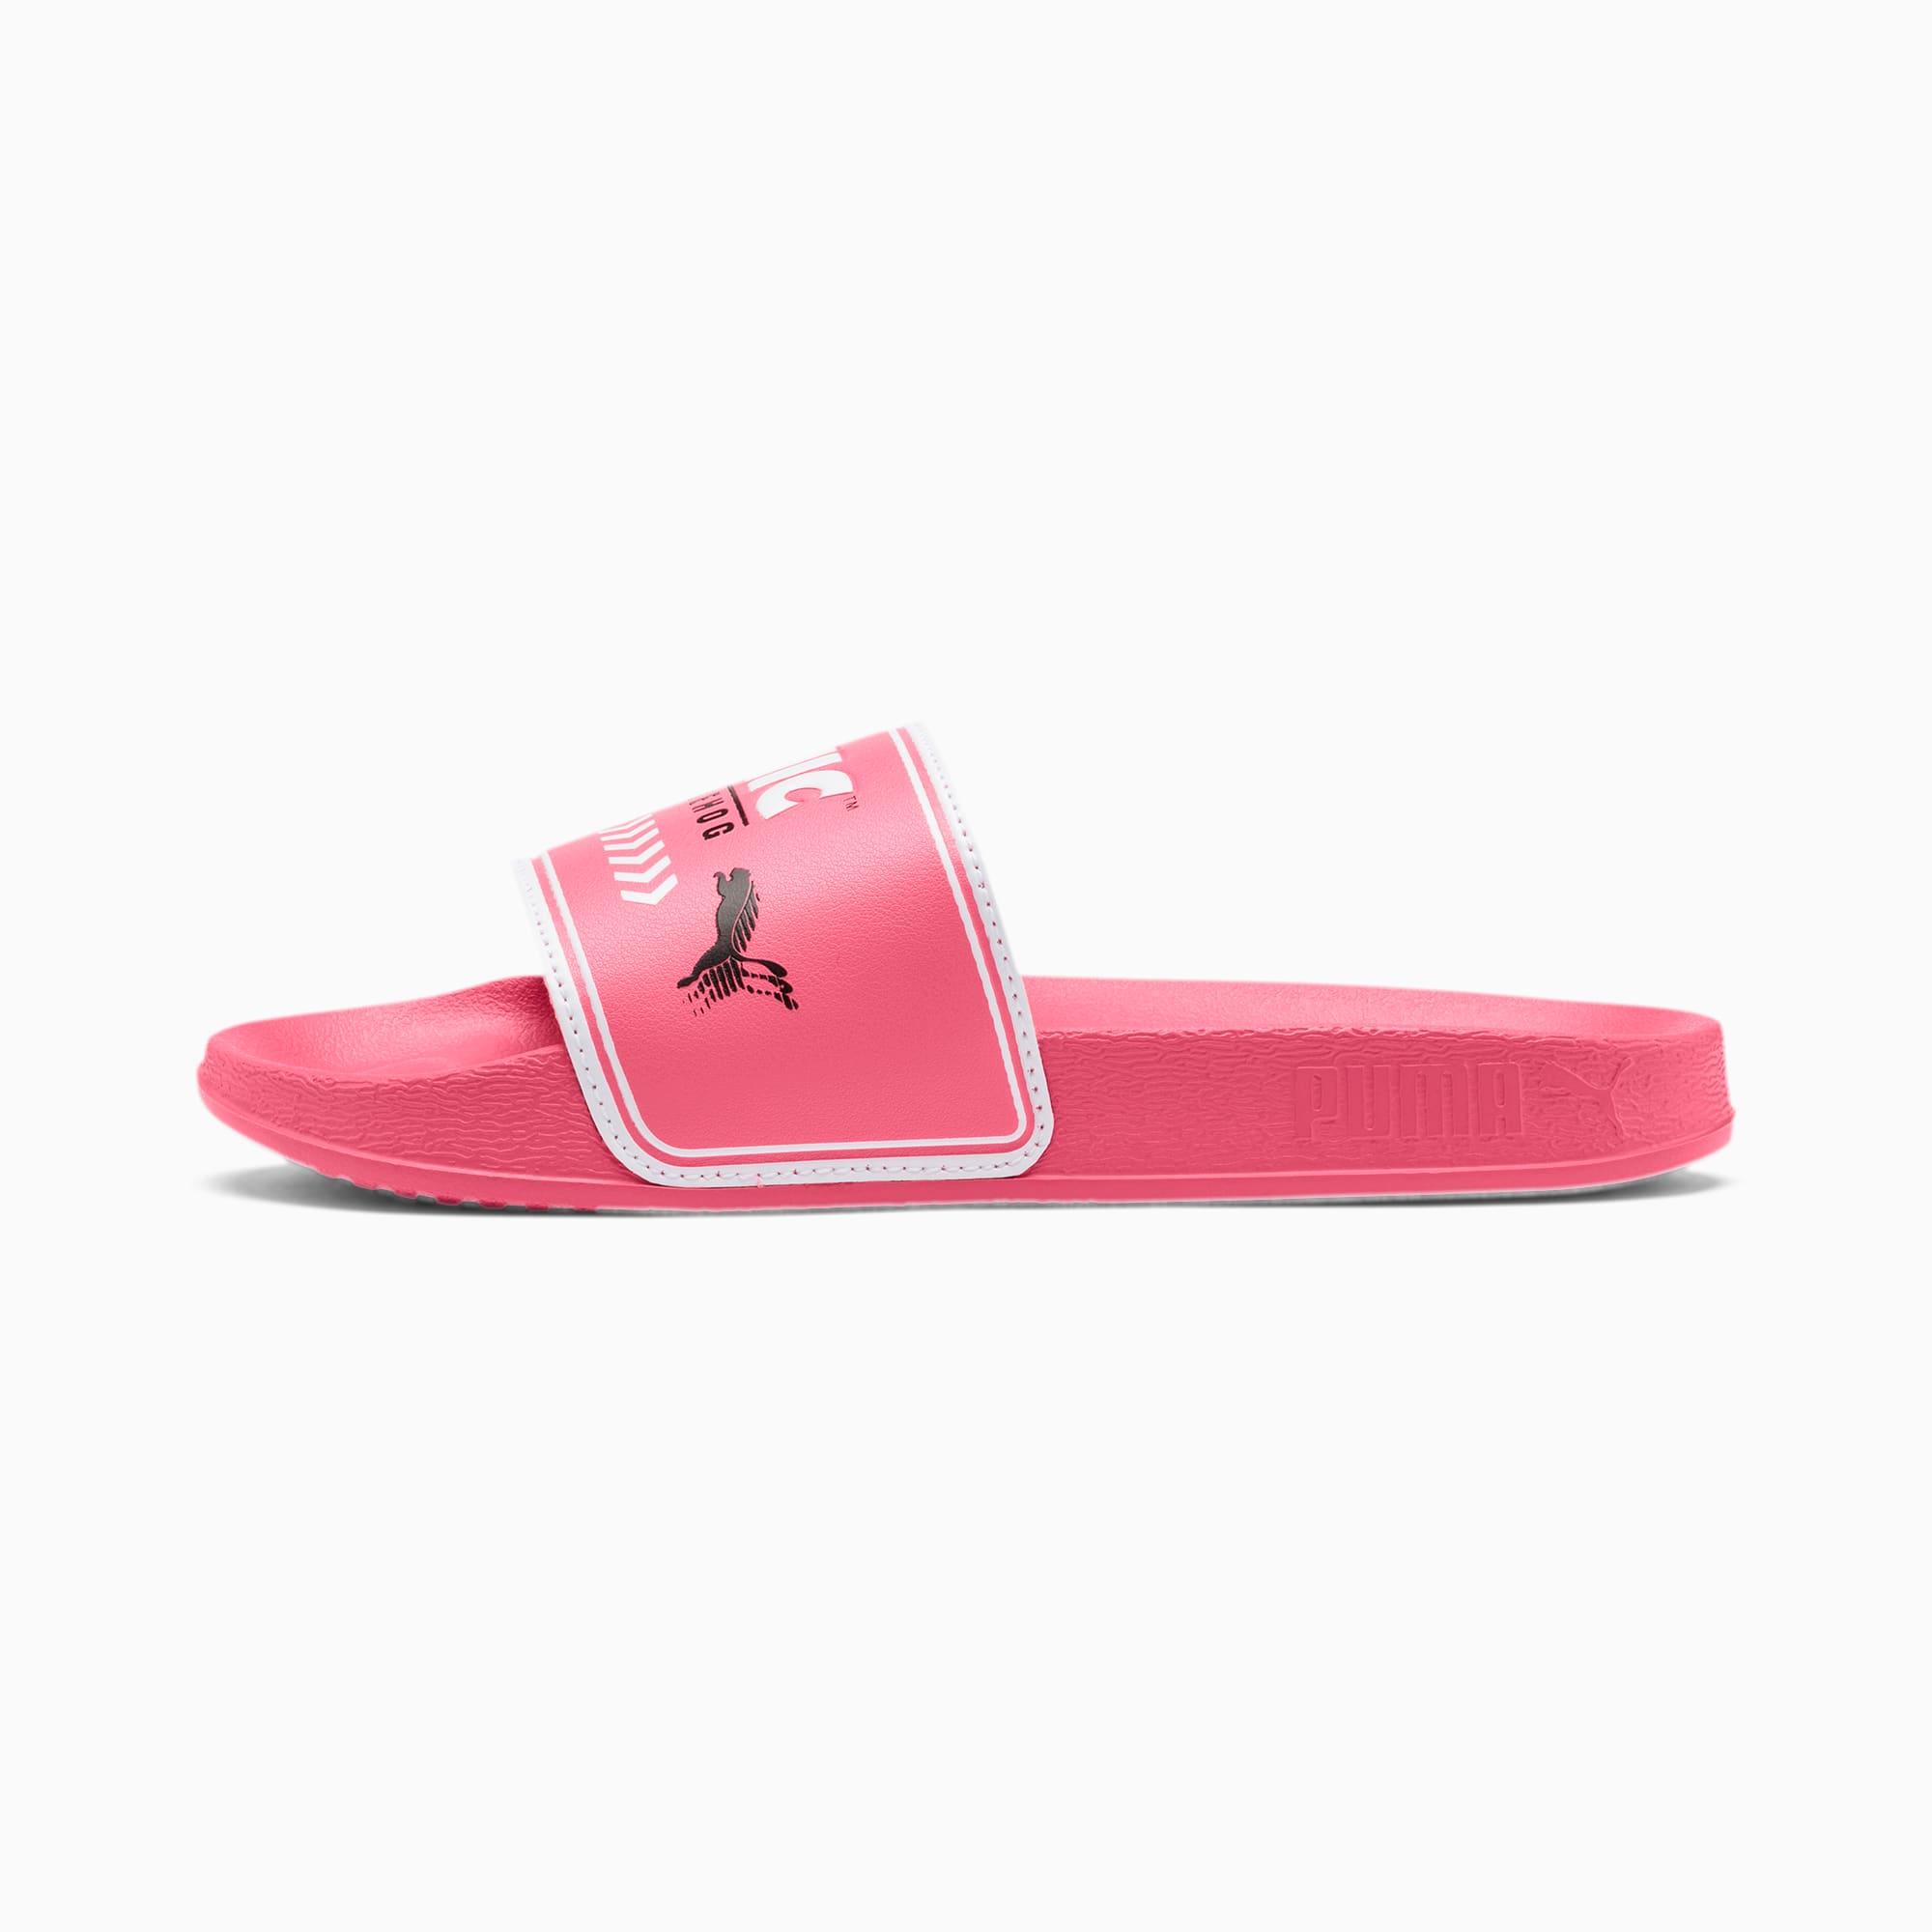 PUMA Sandale PUMA x SONIC Leadcat pour enfant, Blanc, Taille 29, Chaussures